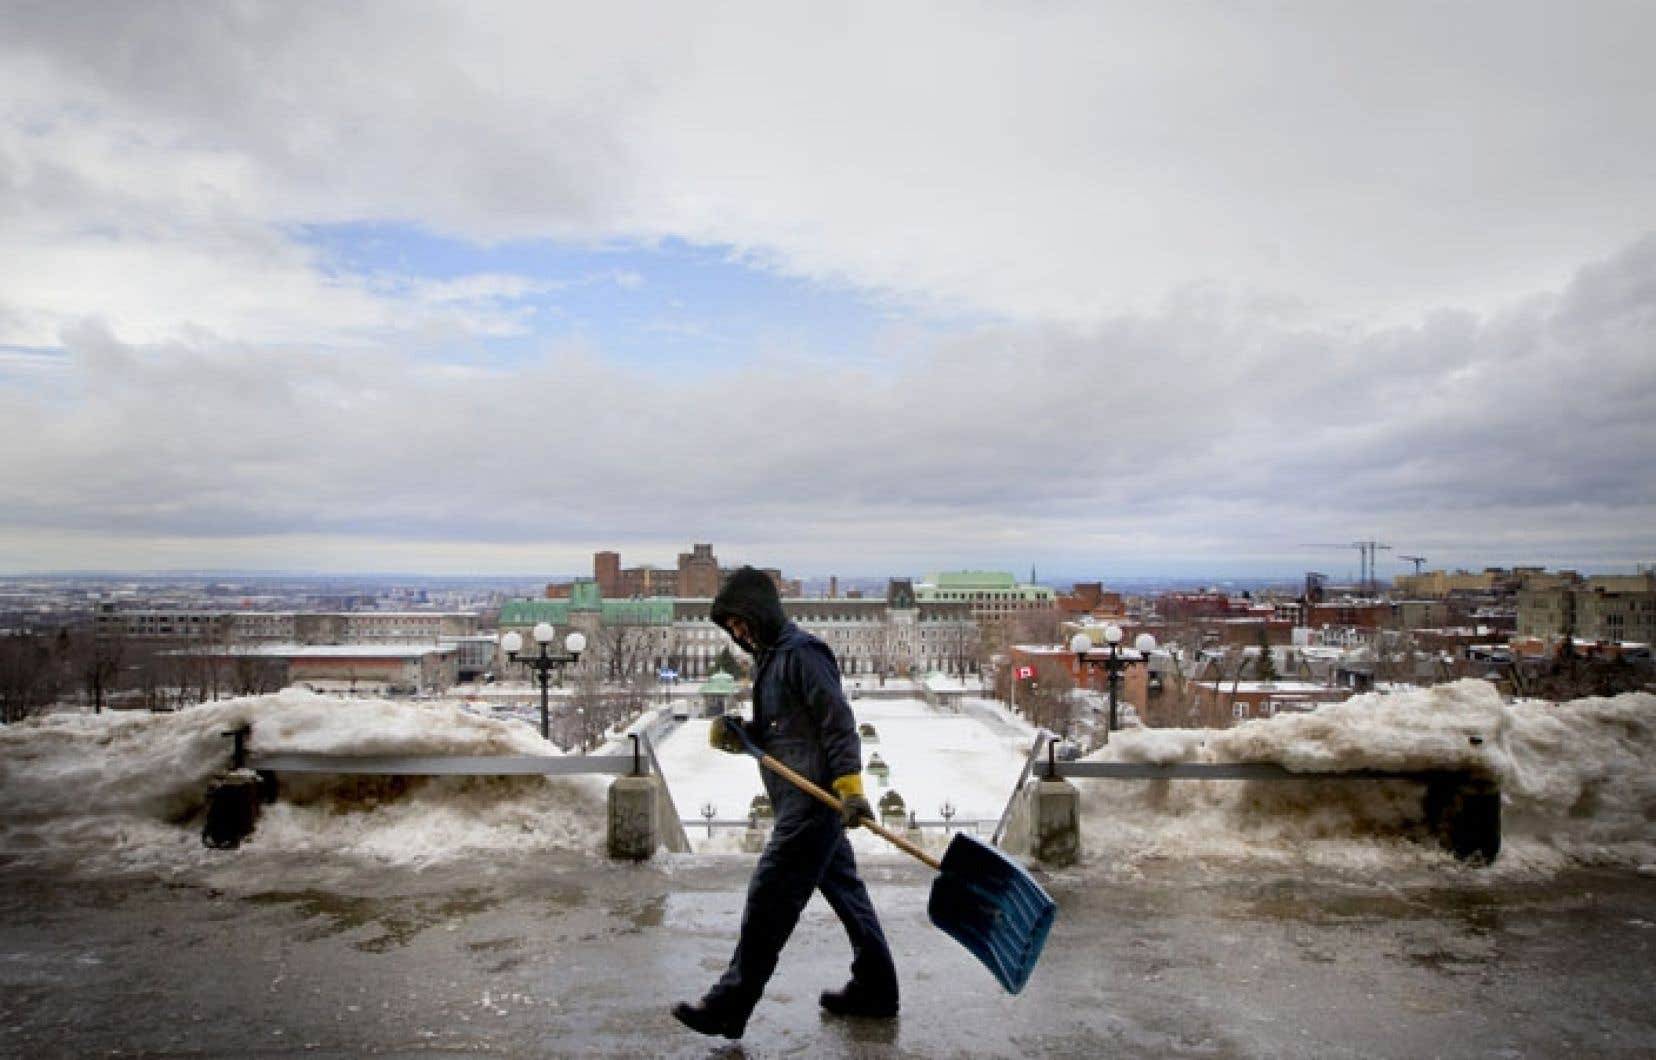 L'heure était au déglaçage lundi matin à l'oratoire Saint-Joseph, comme pour d'autres entrées de bâtiments publics de Montréal.